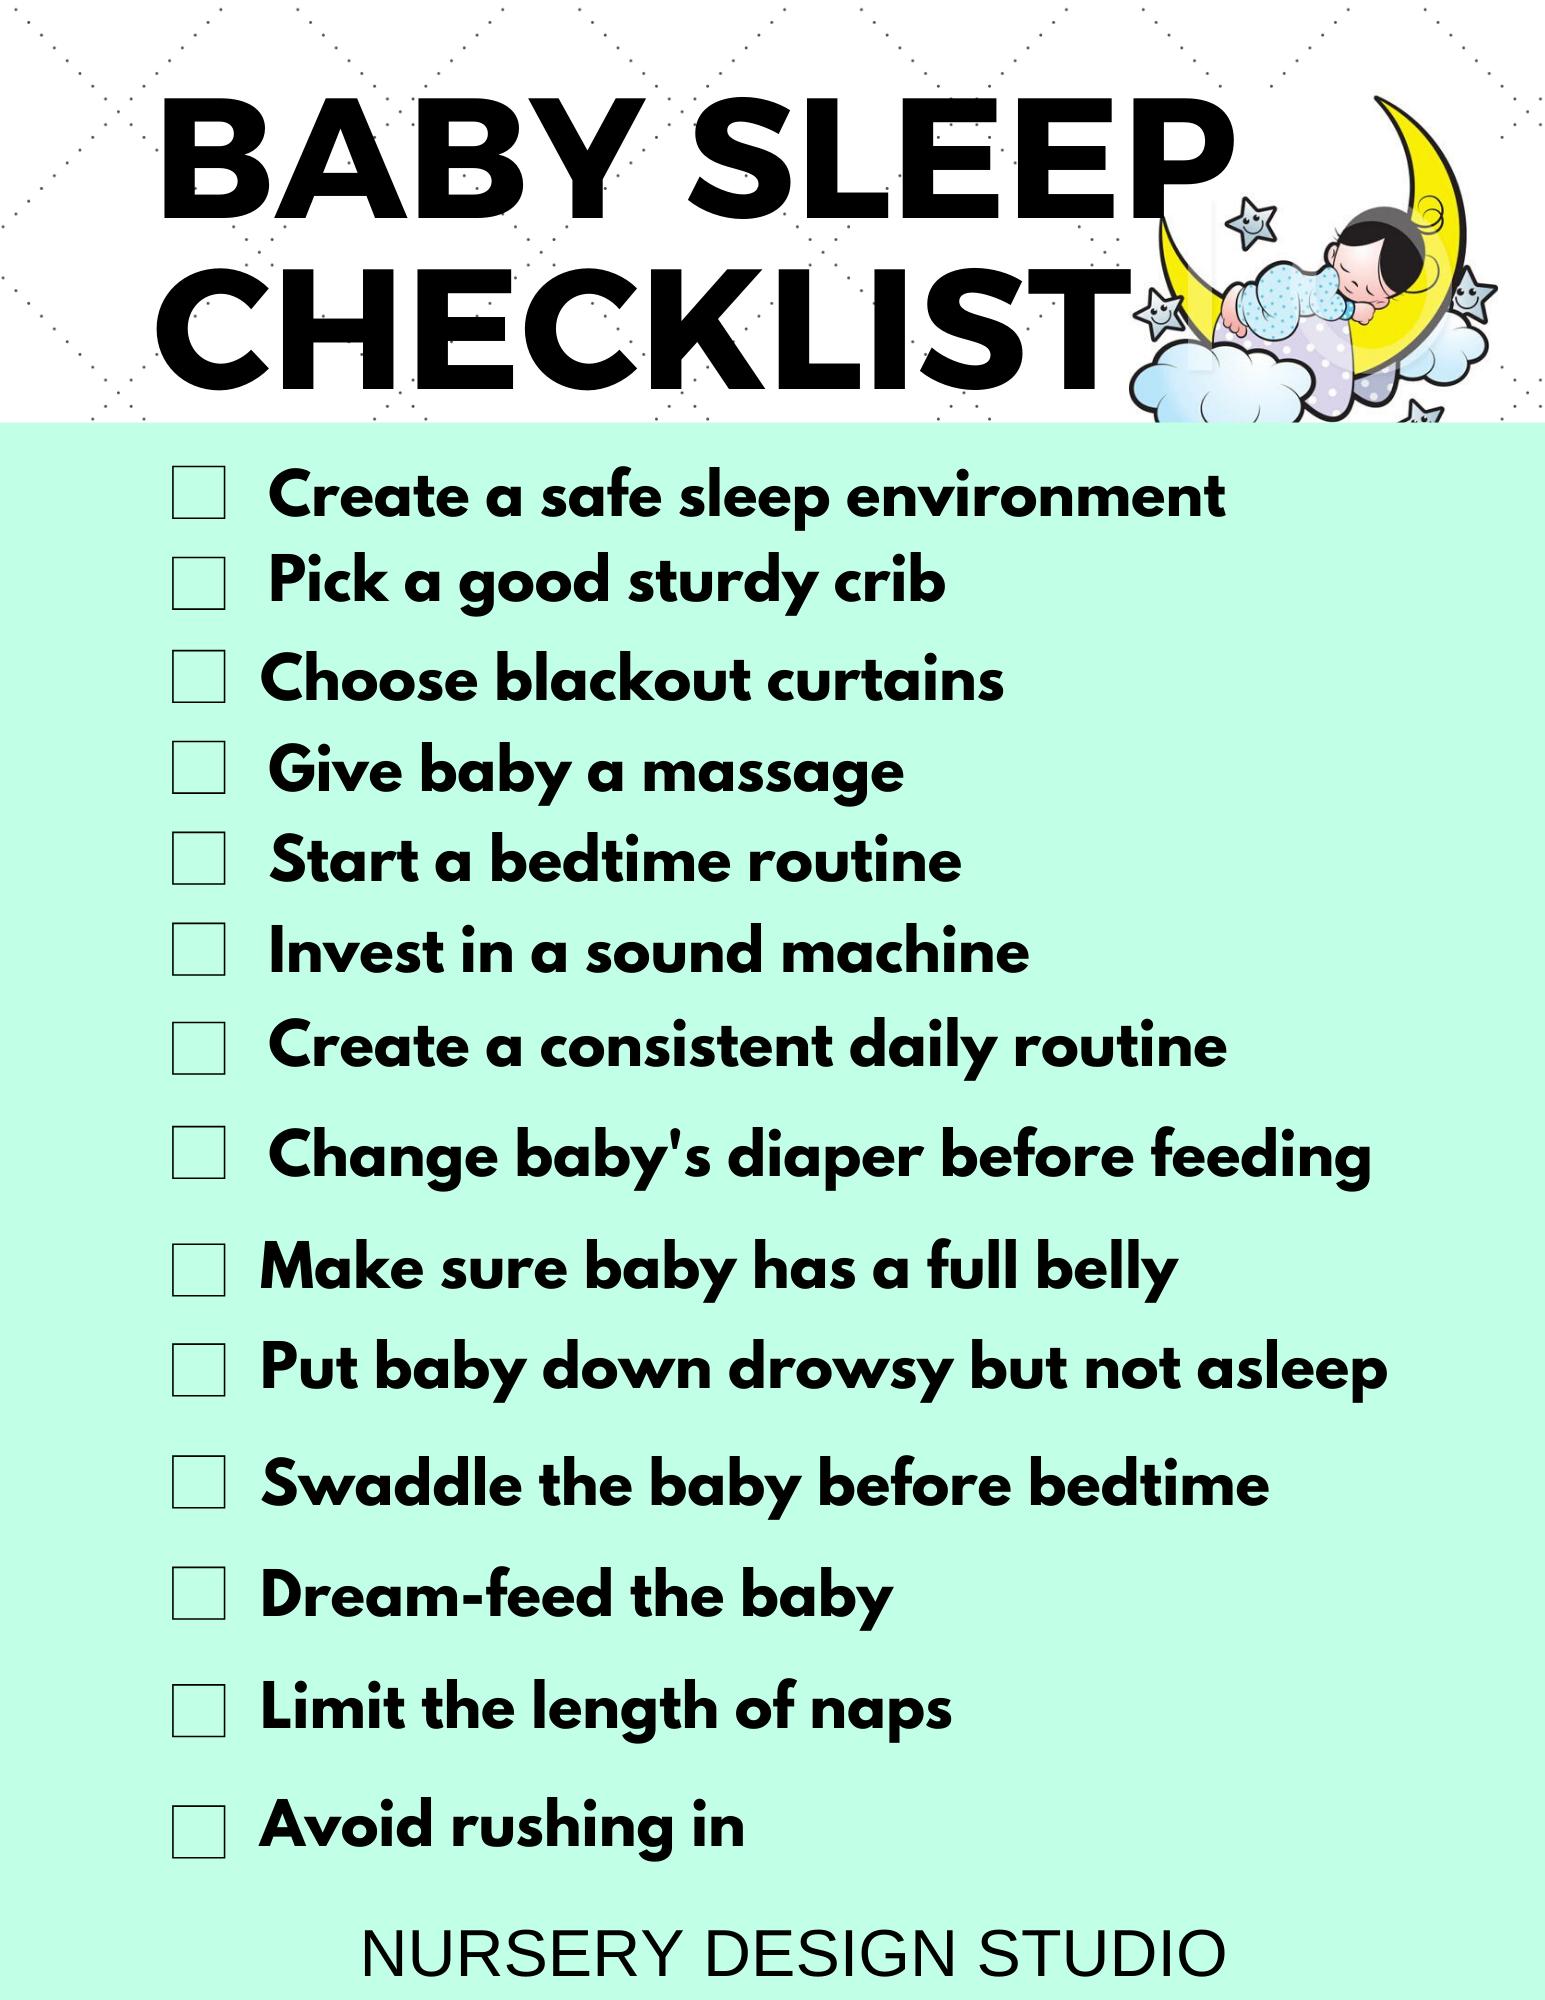 BABY BEDTIME ESSENTIALS | Nursery Design Studio